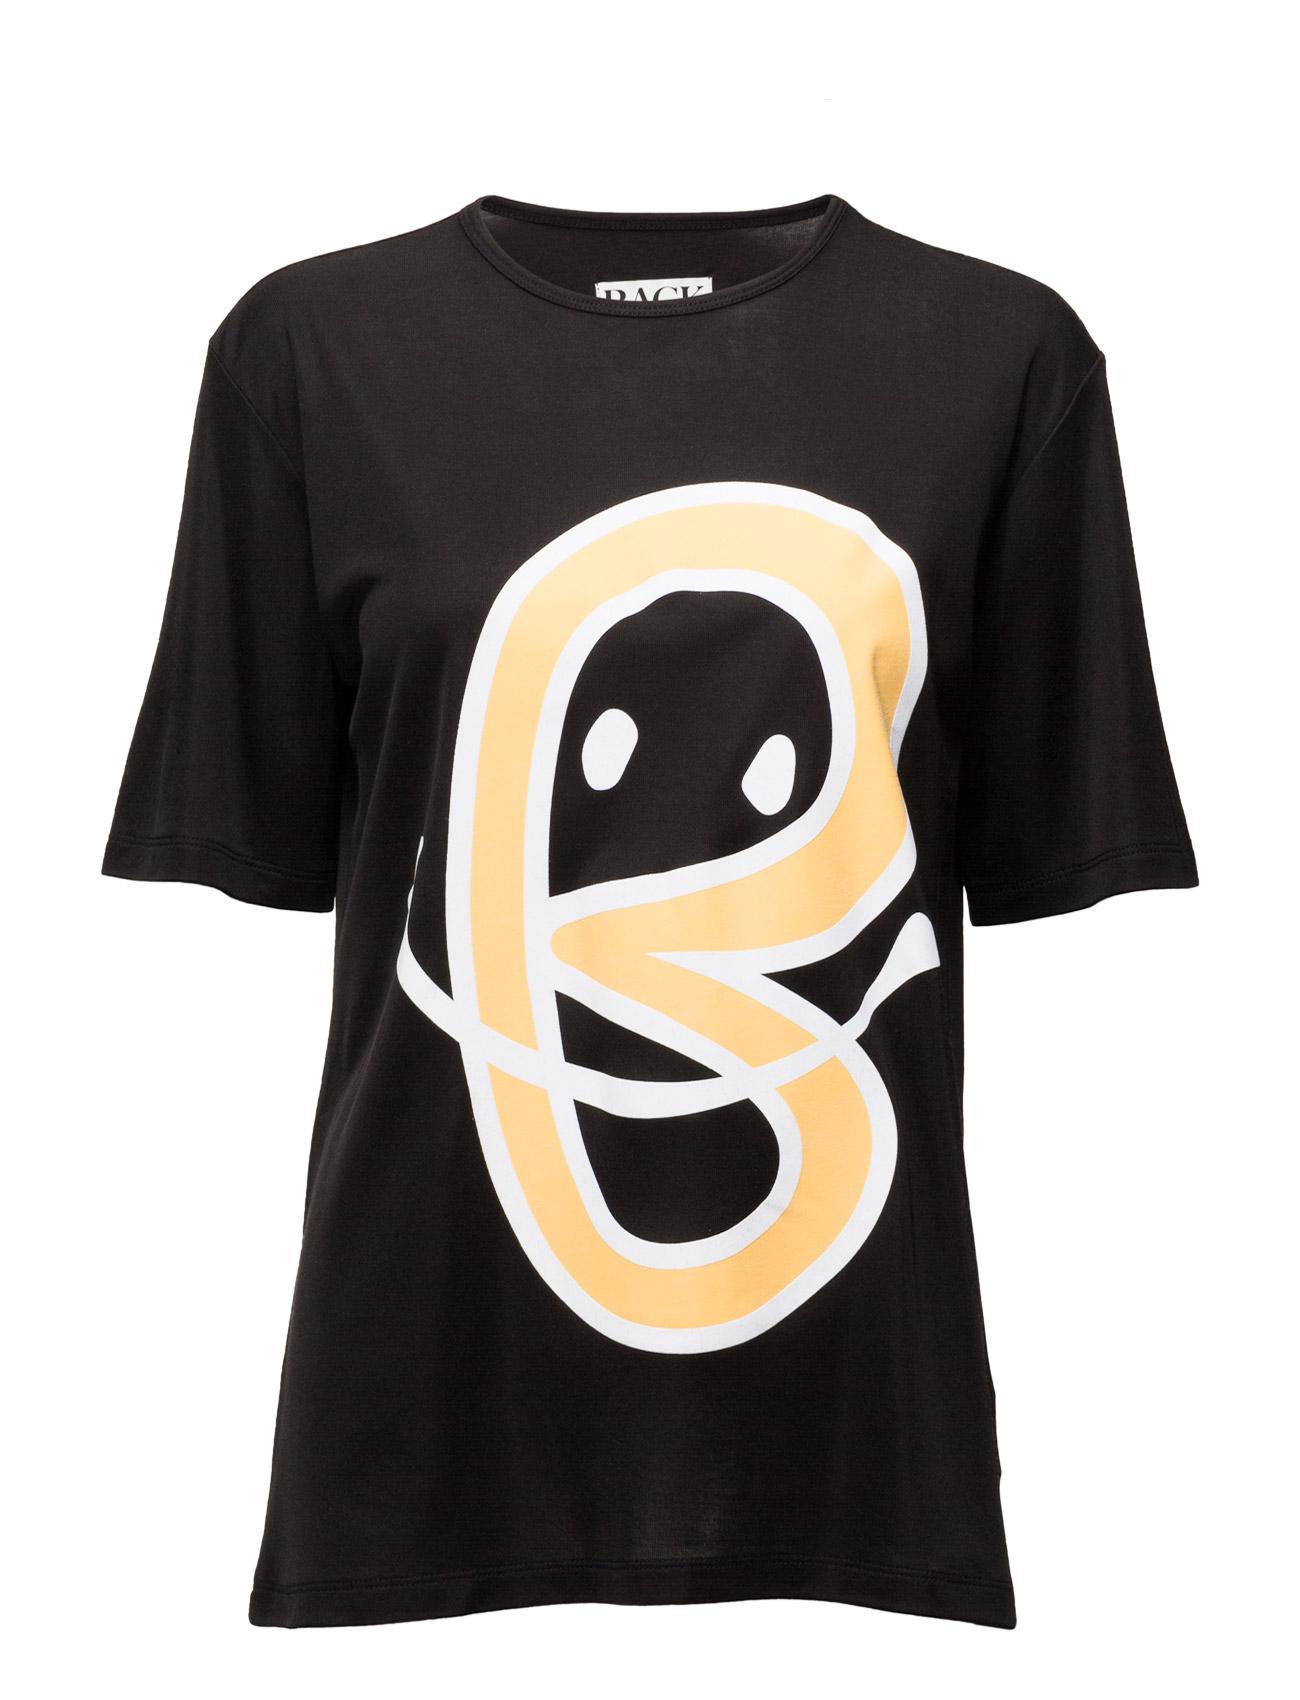 B-Print Uni T-Shirt BACK T-shirts & toppe til Unisex i Sort